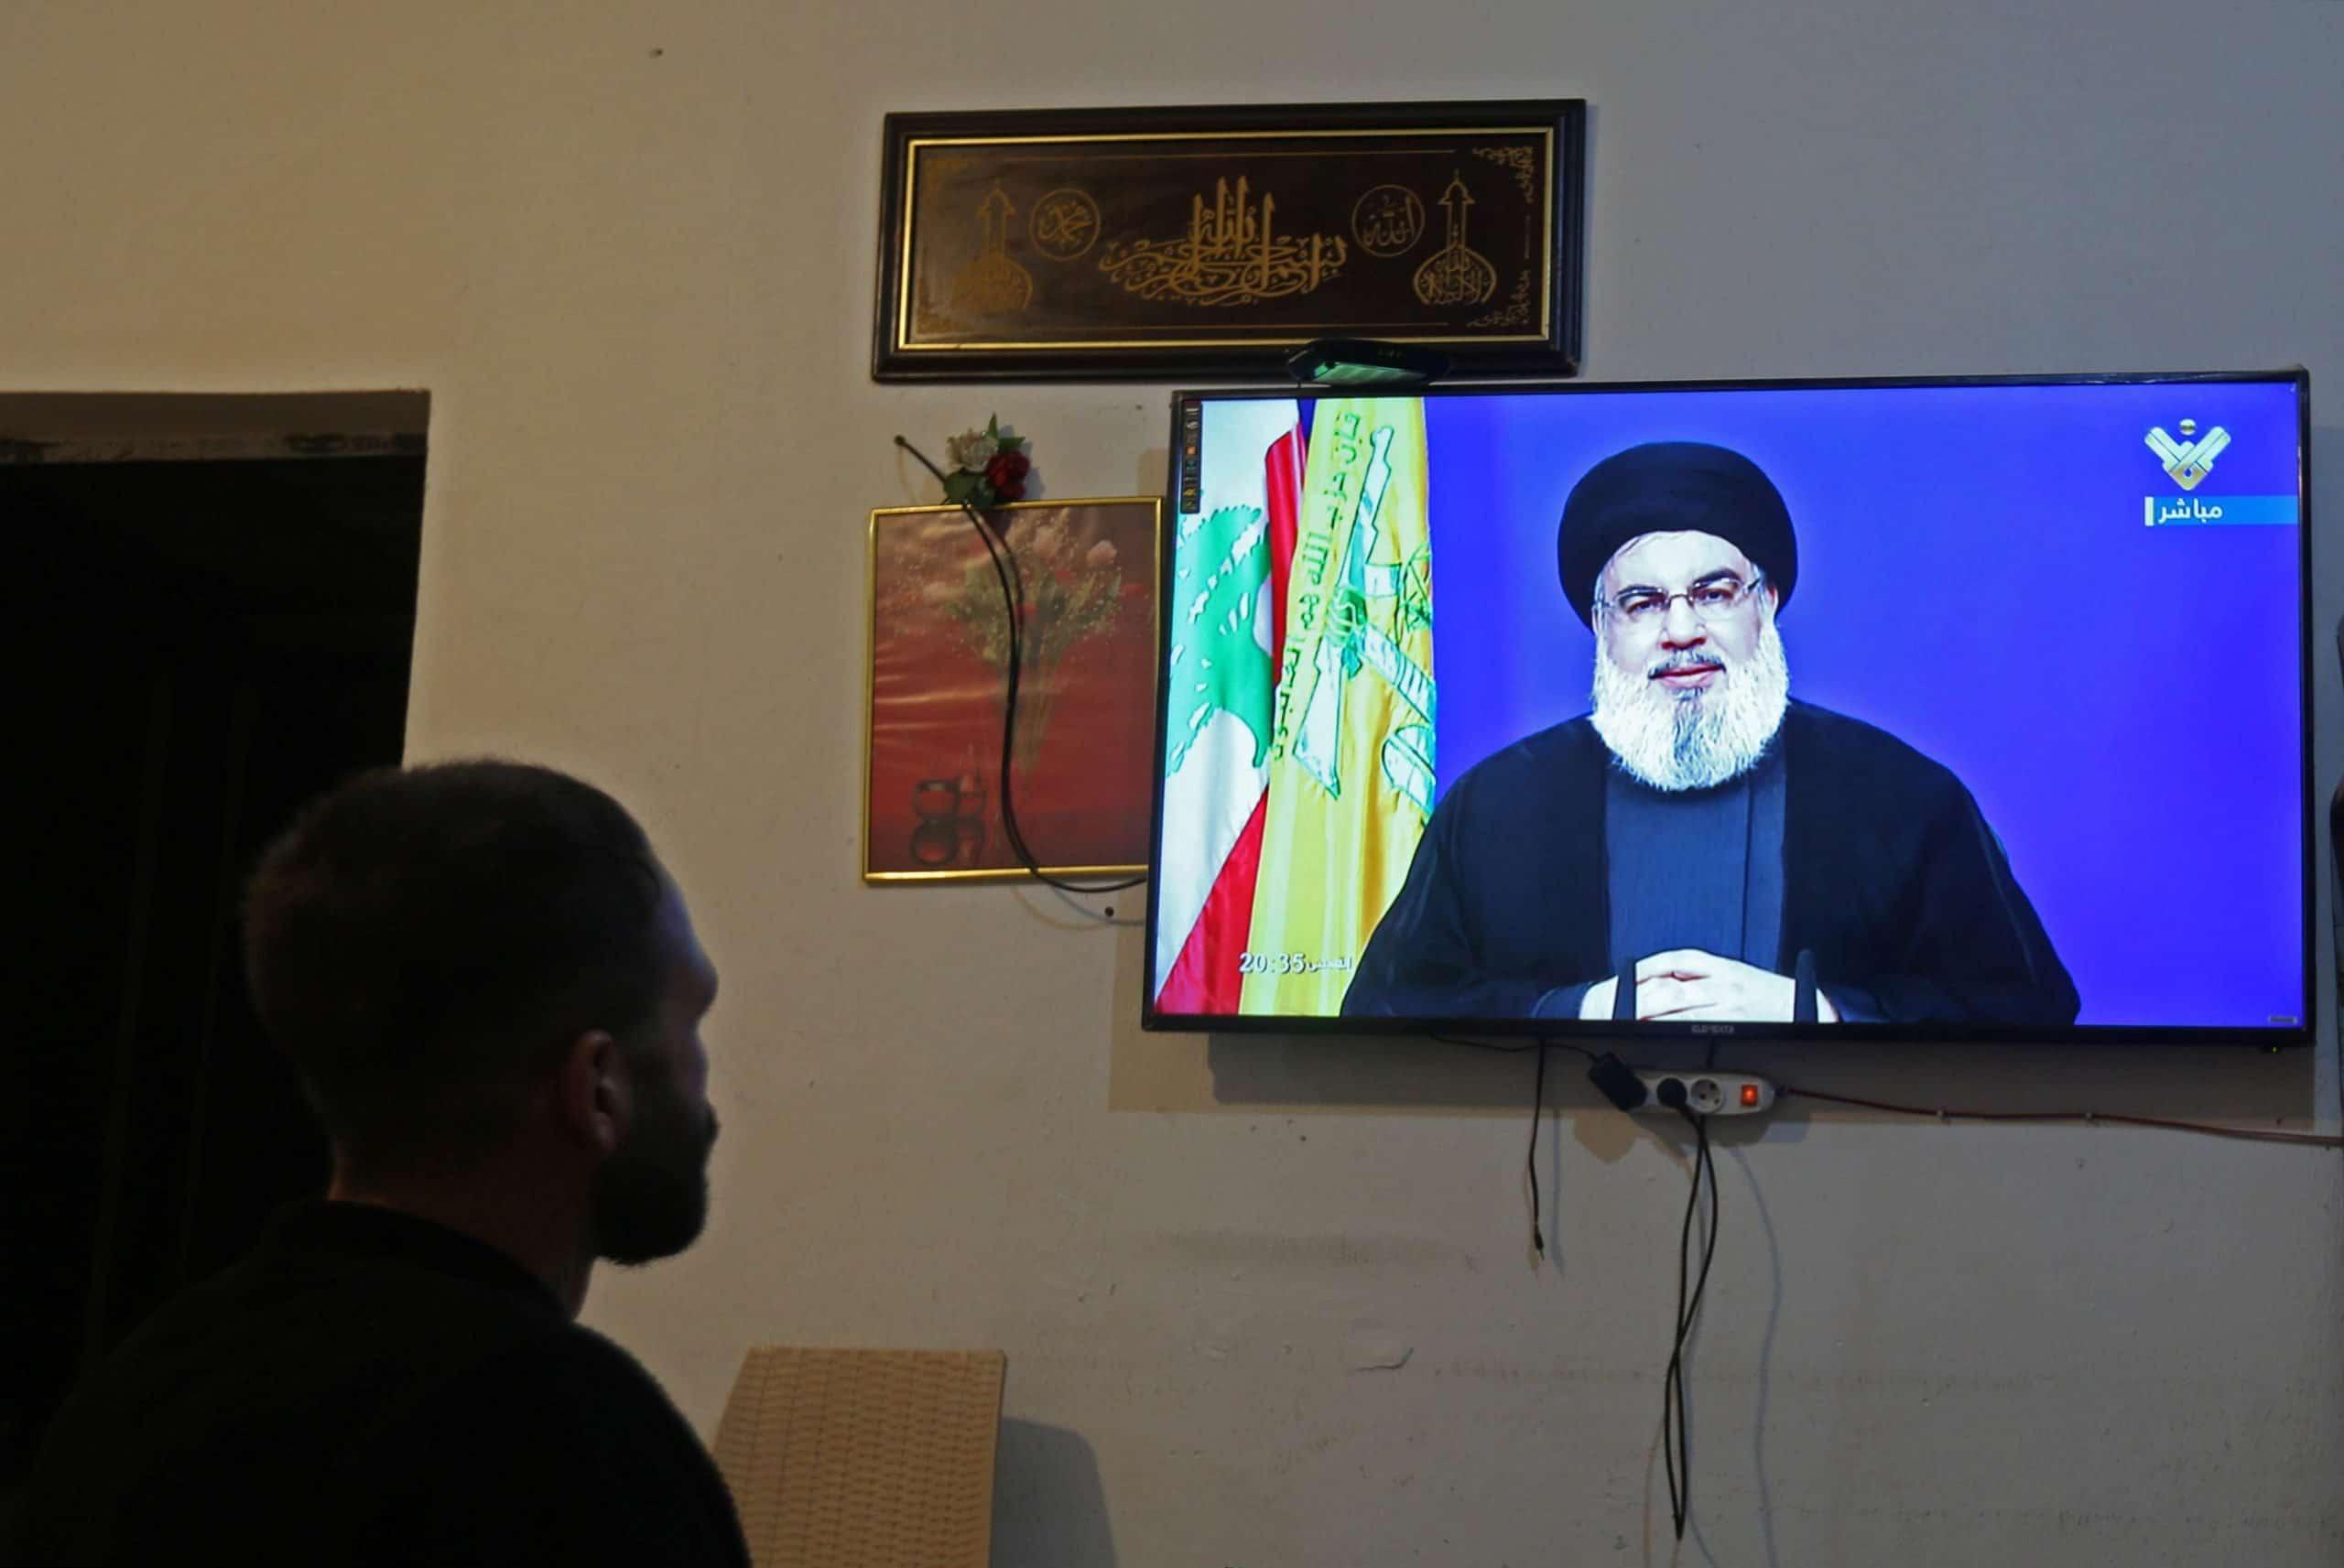 صحيفة: إعلاميو لبنان يزحفون إلى أبوظبي ويروجون لحكام الإمارات طمعا في دولاراتهم